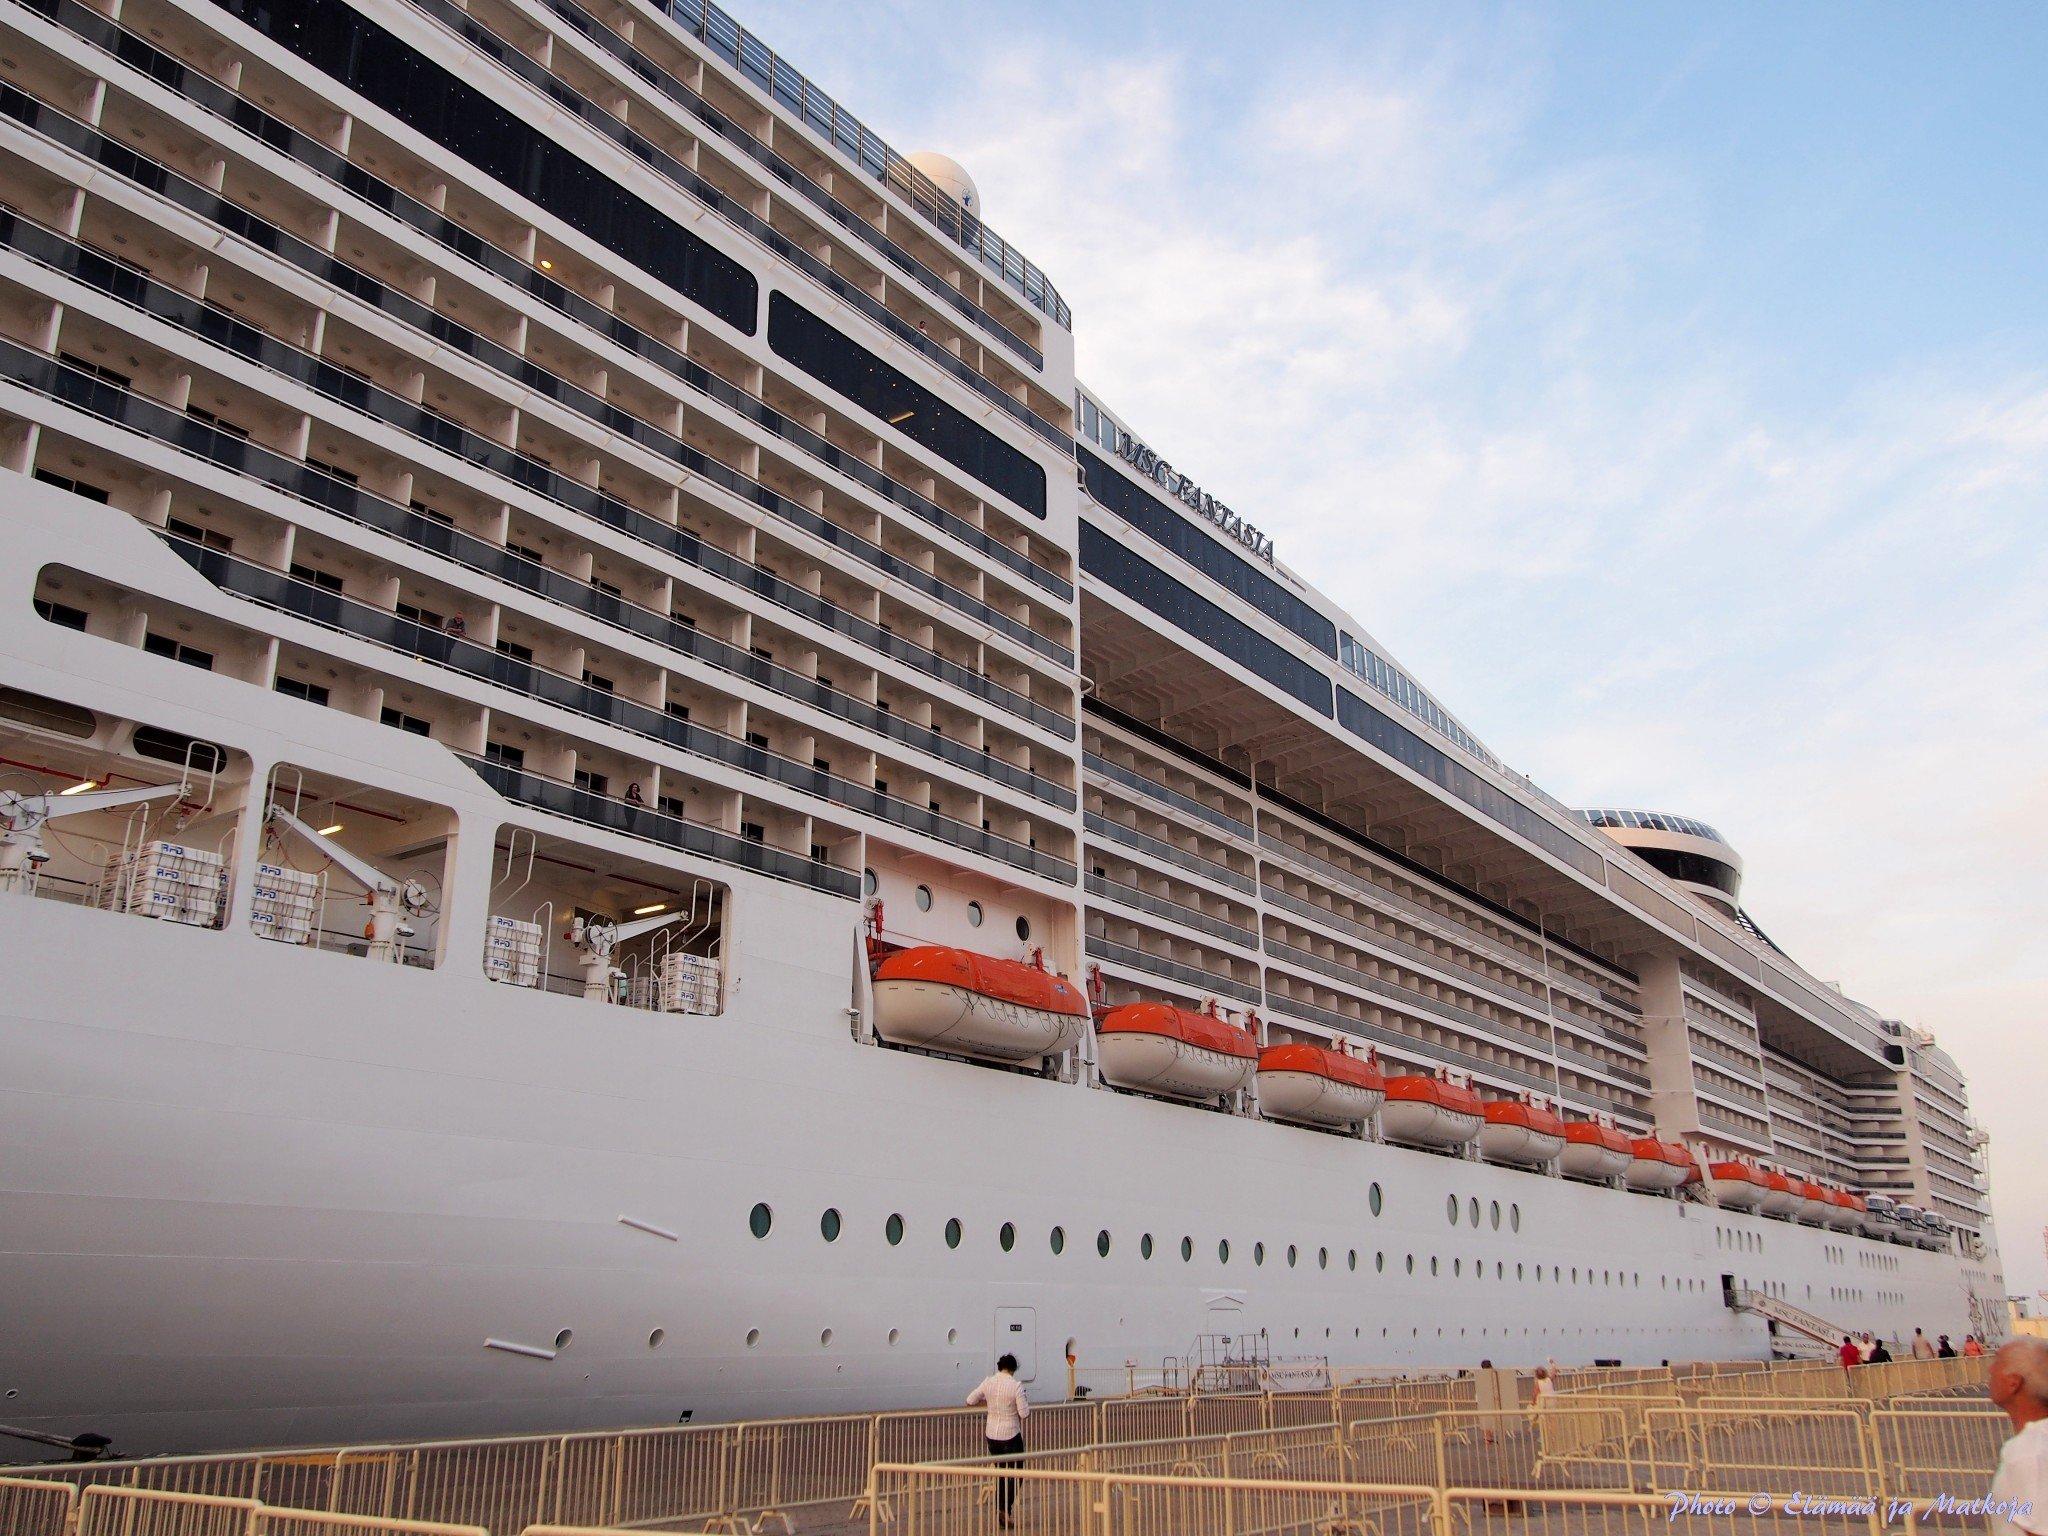 333 metriä pitkää laivaa ei saanut mahtumaan kuvaan kulkuluvallisella alueella Dubain Port Rashid satamassa kuvatessa. Photo © Elämää ja Matkoja